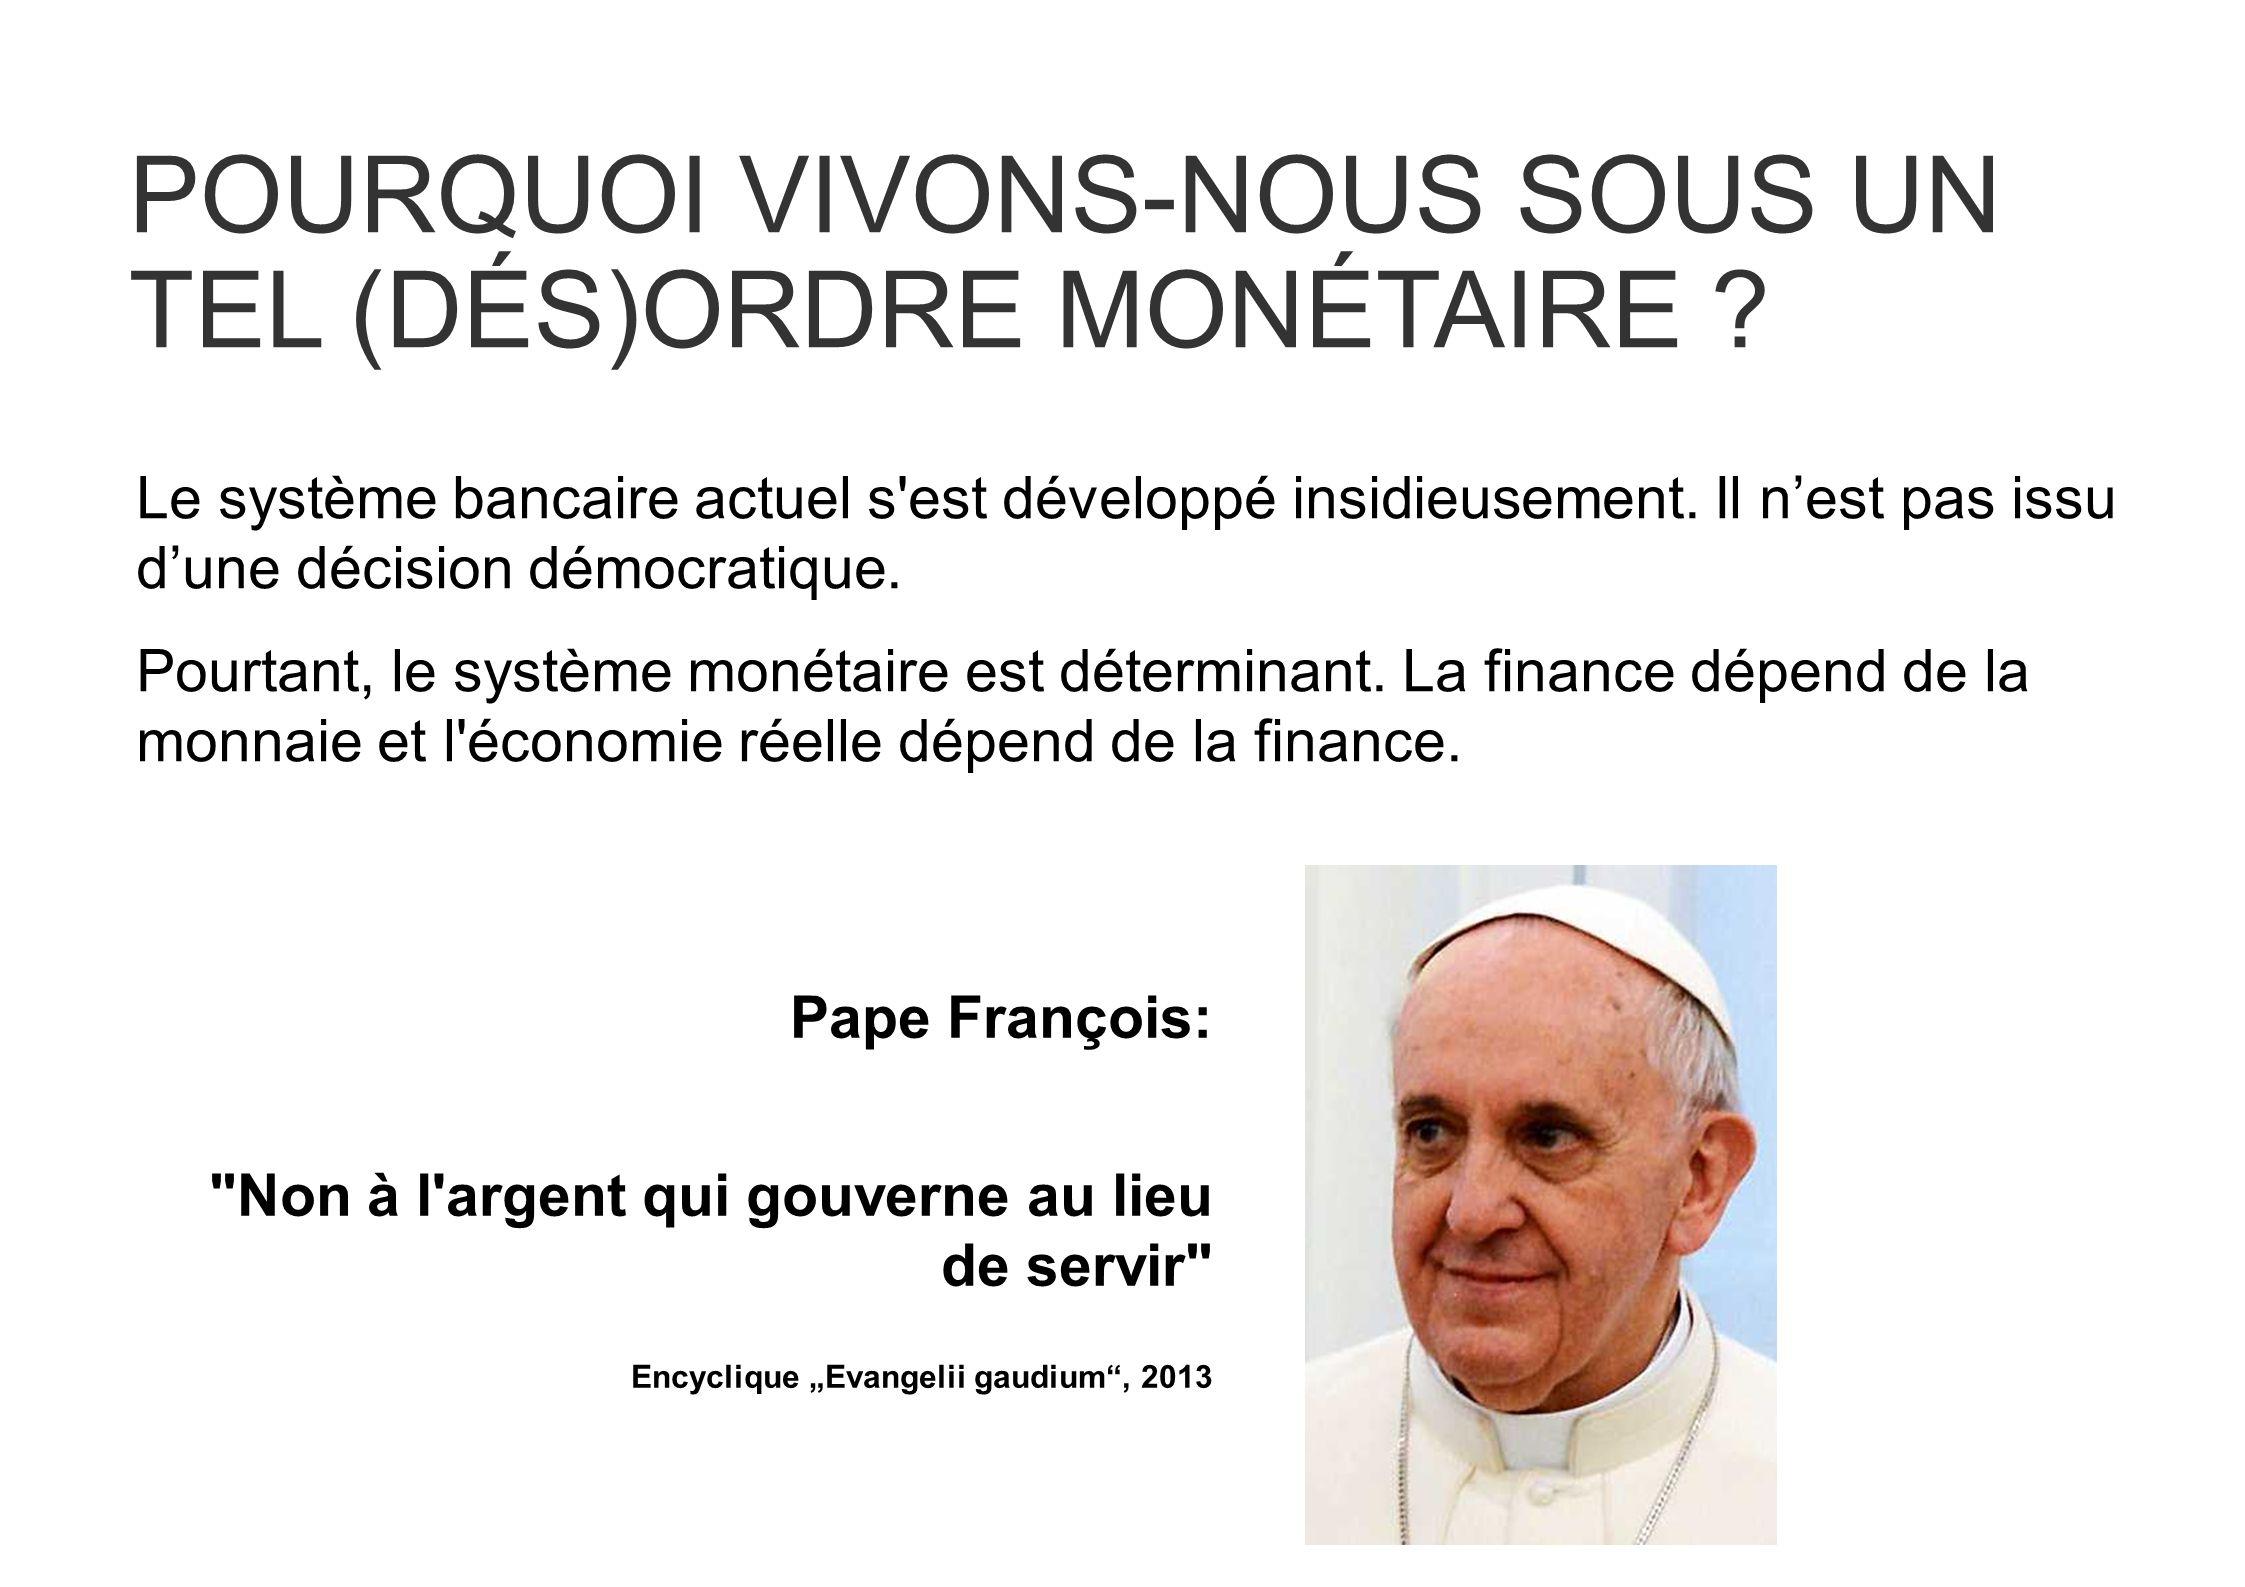 POURQUOI VIVONS-NOUS SOUS UN TEL (DÉS)ORDRE MONÉTAIRE